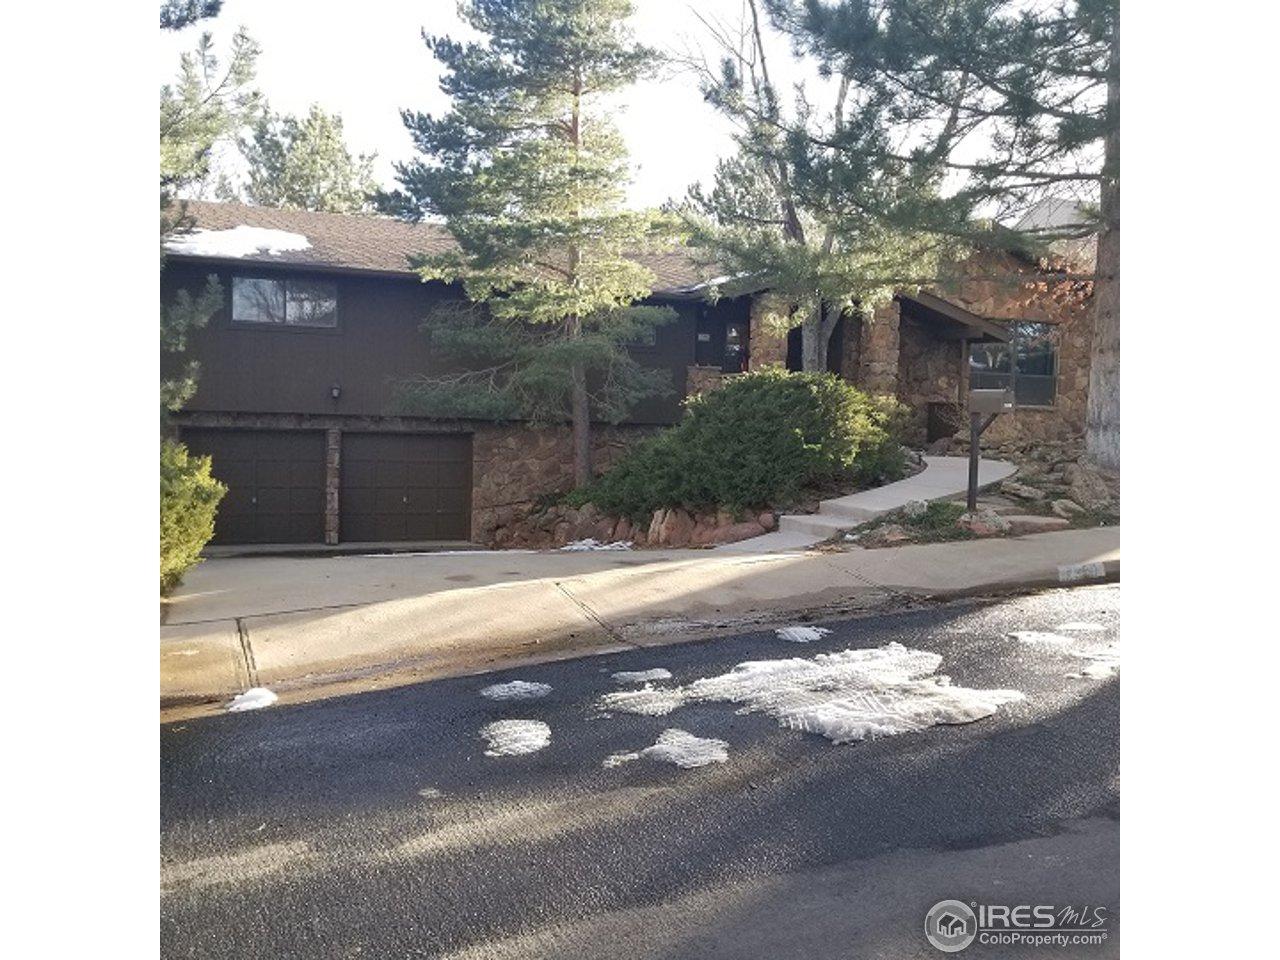 2390 Vassar Dr, Boulder CO 80305